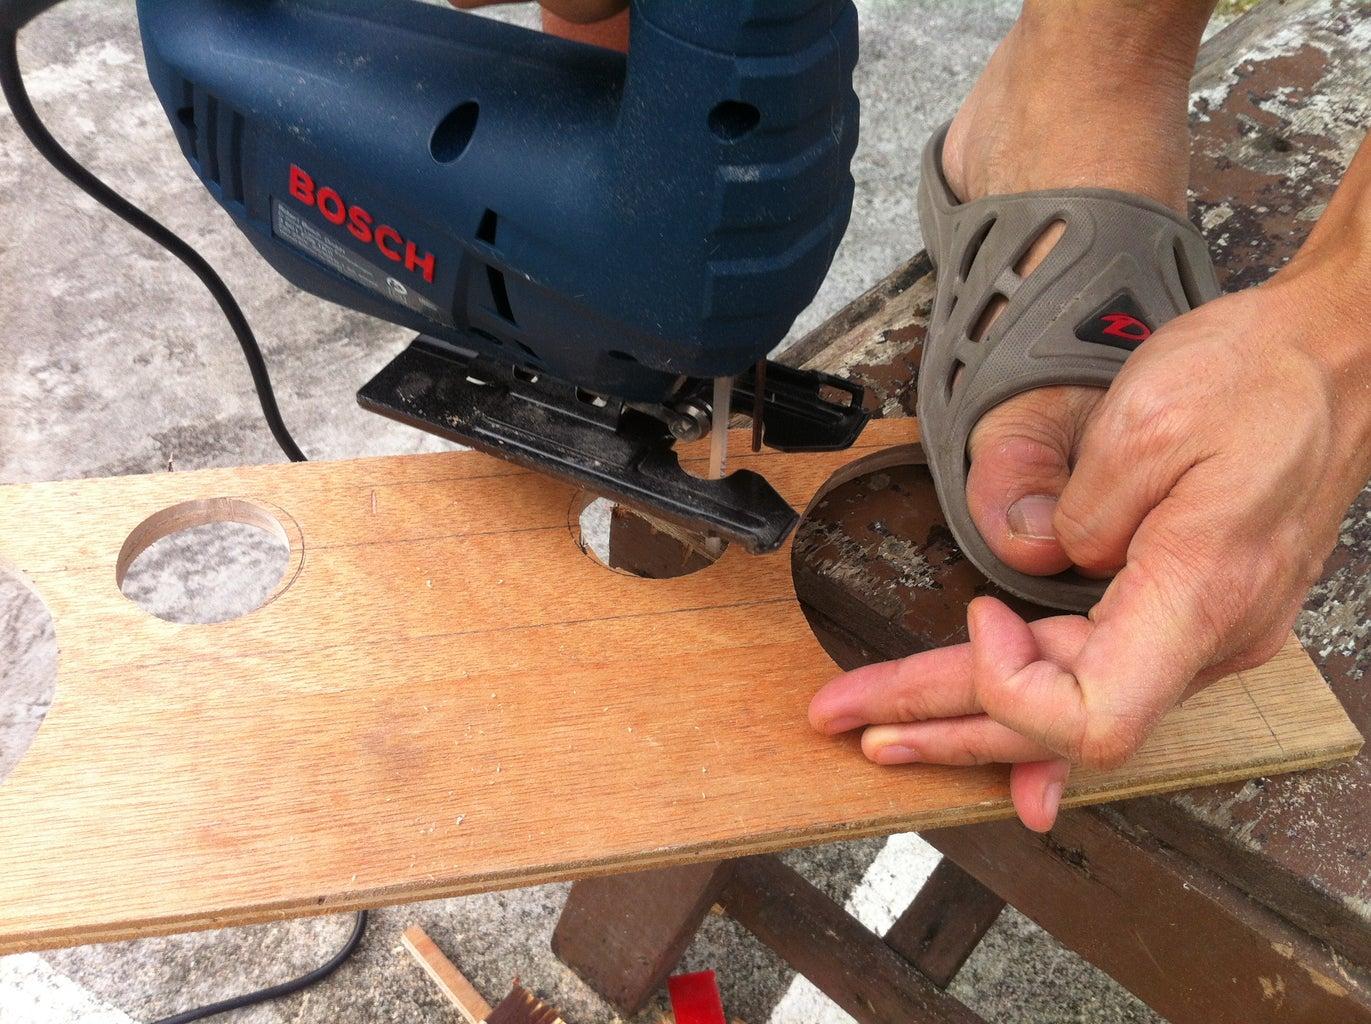 Cutting the Wood (Jigsaw)